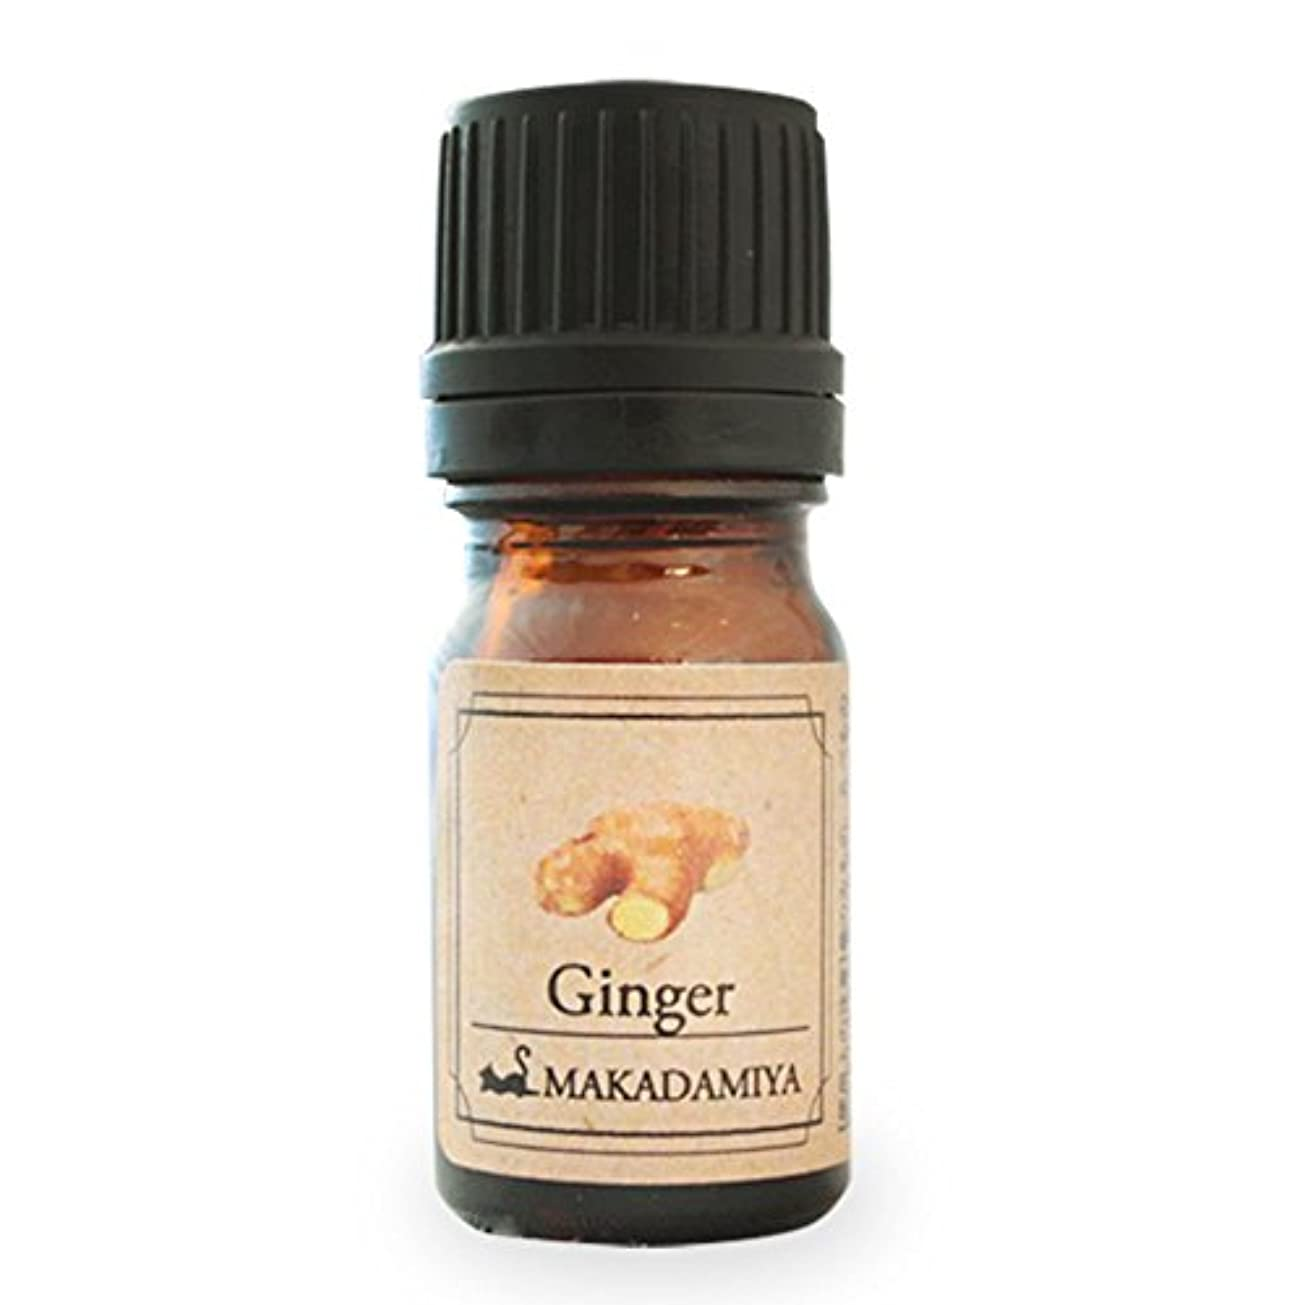 ジンジャー5ml 天然100%植物性 エッセンシャルオイル(精油) アロマオイル アロママッサージ aroma Ginger